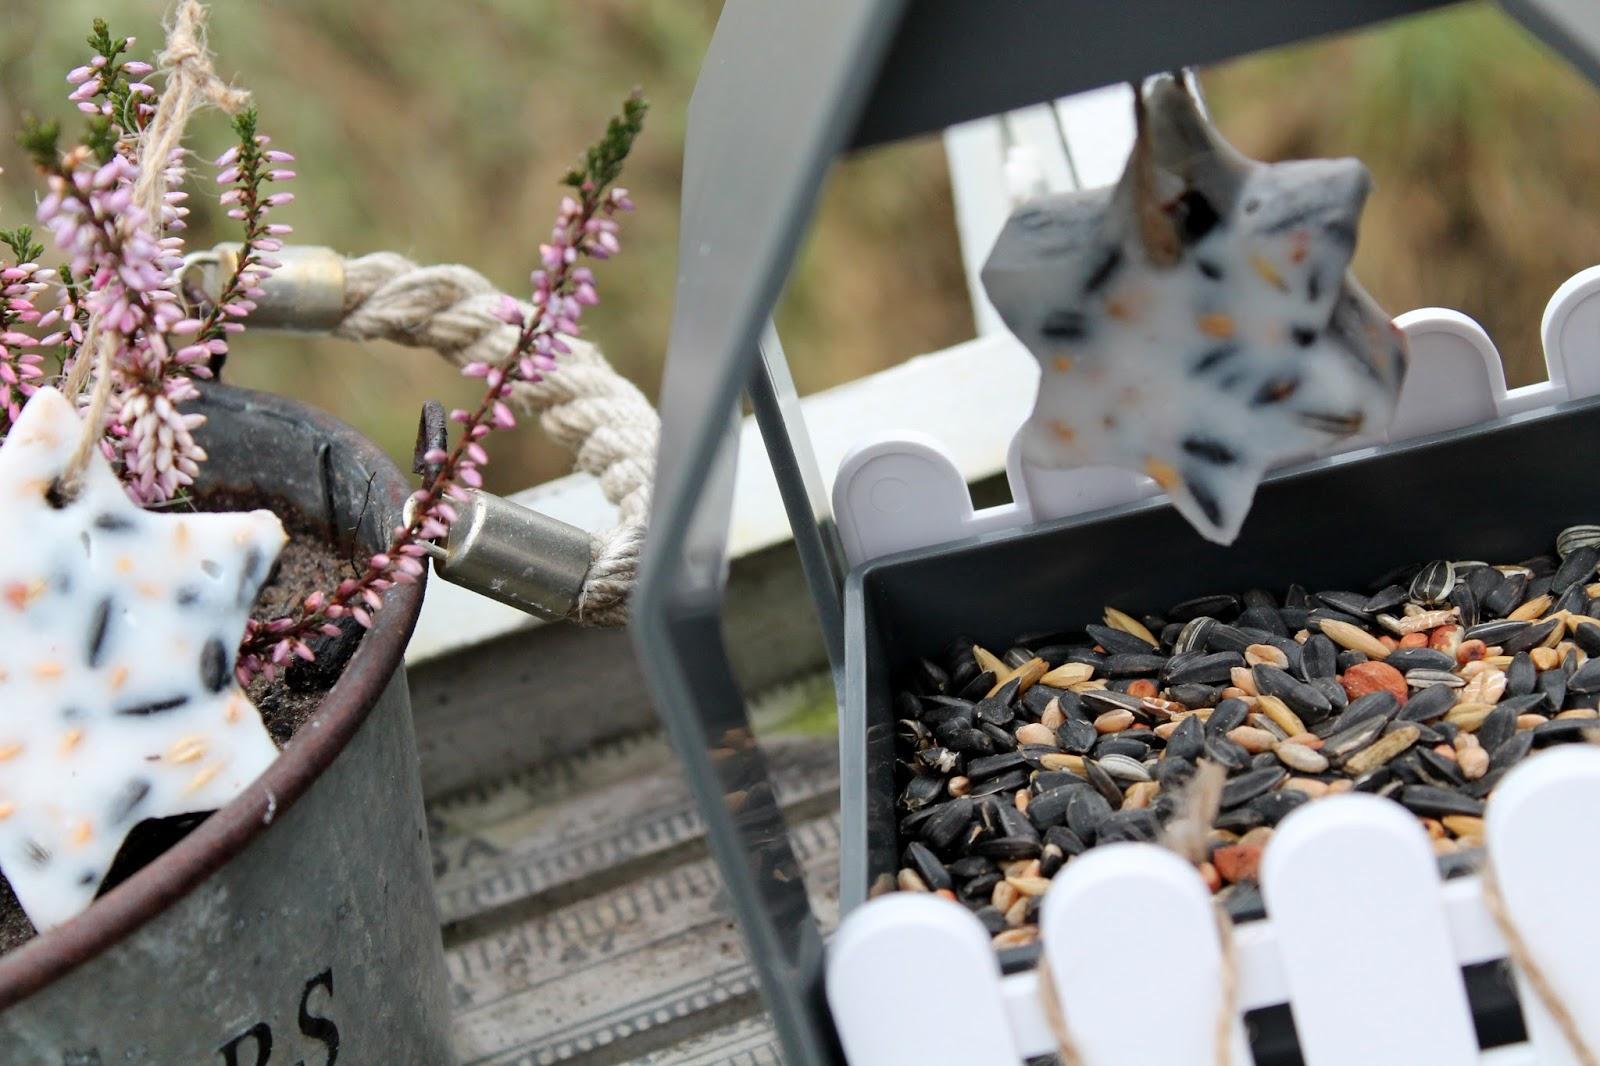 DIY, Basteln: selbstgemachtes Vogelfutter mit Plätzchenformen, Dekoration, Winterdekoration - DIYCarinchen